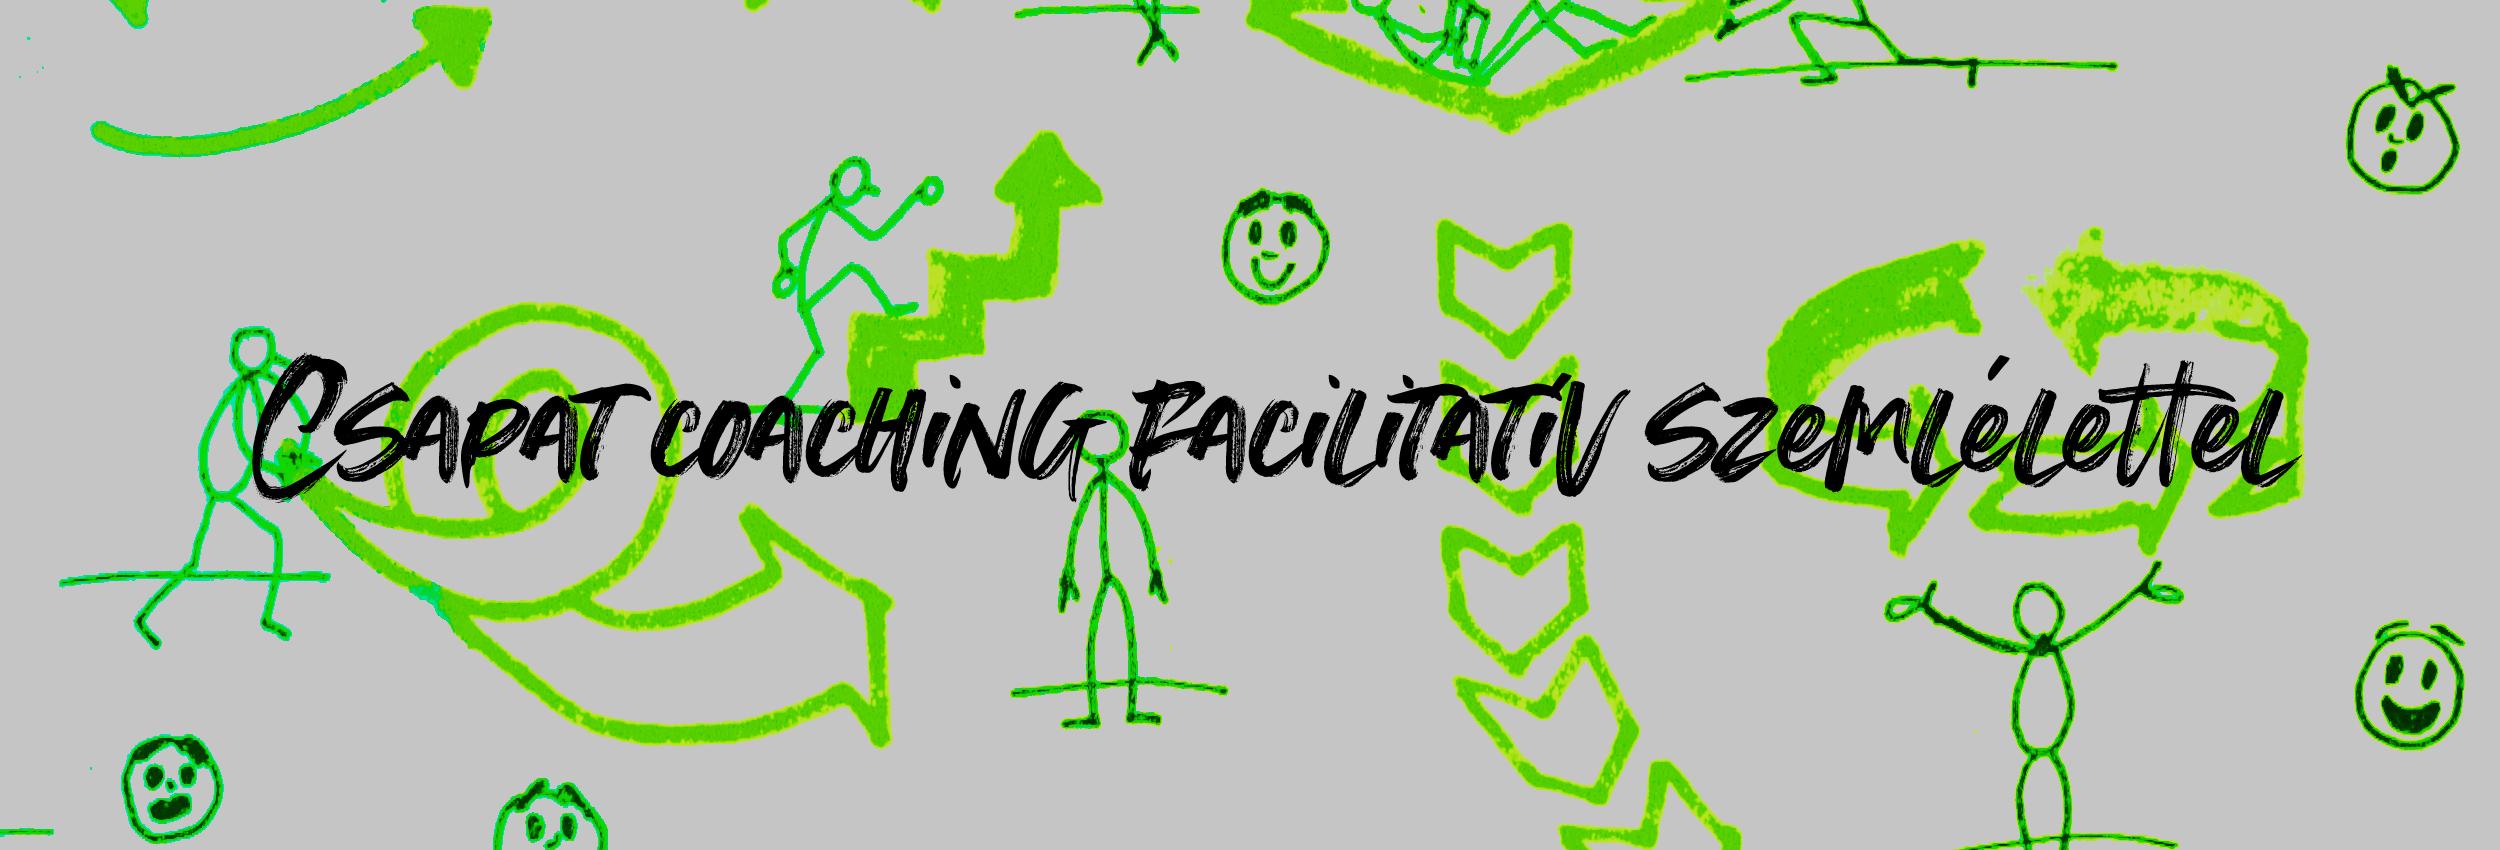 Csapat coaching facilitatív szemlélettel